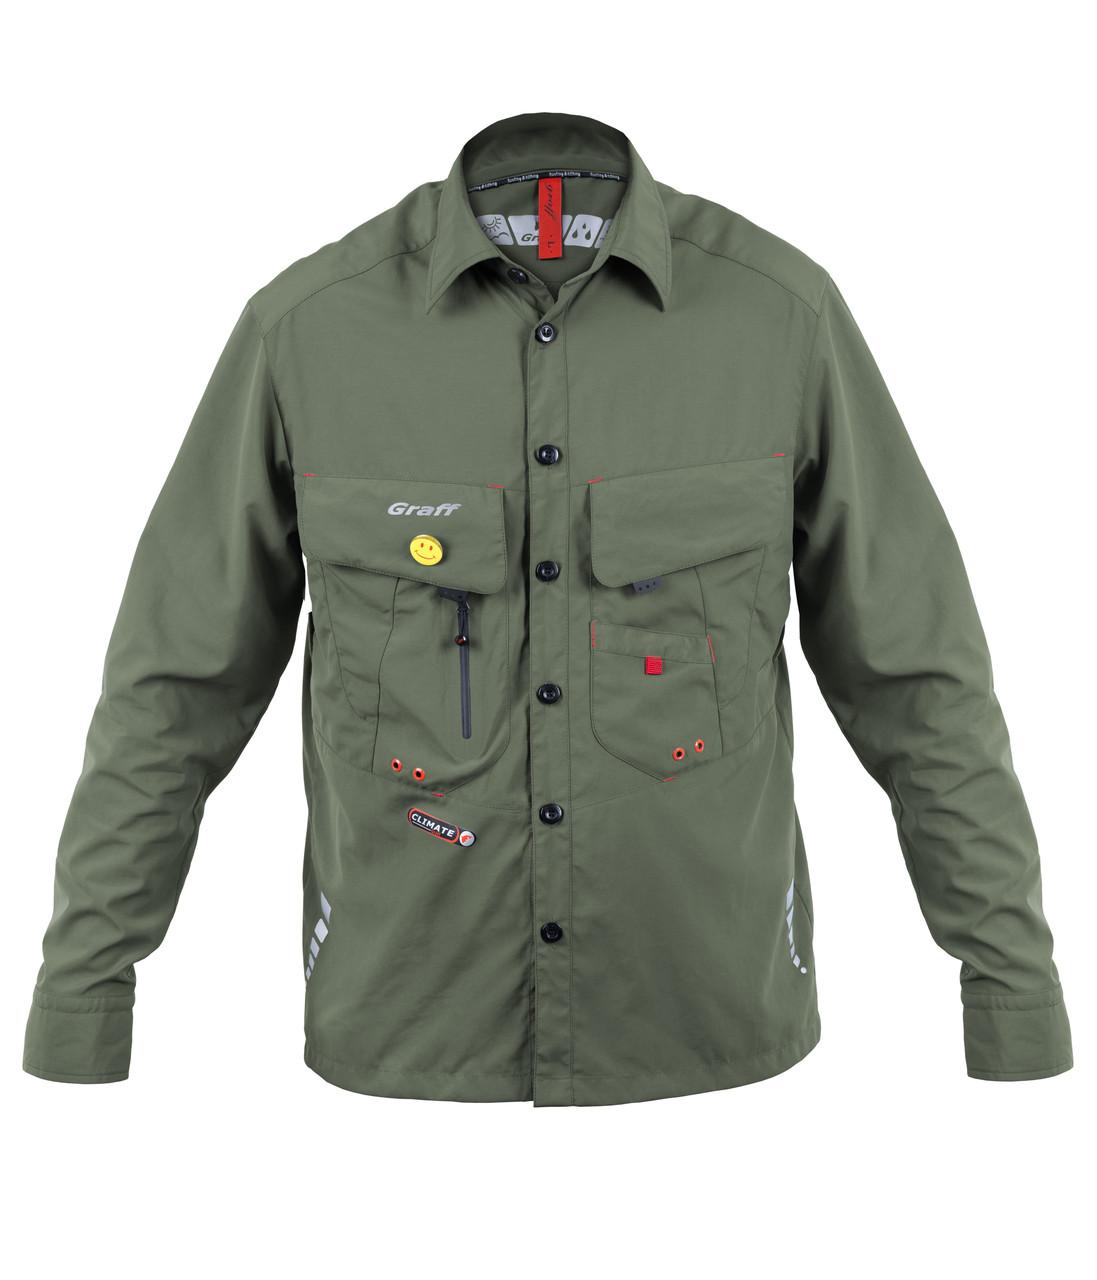 Рубашка для рыболовов 805-KO-CL c защитой от ультрафиолета UPF30